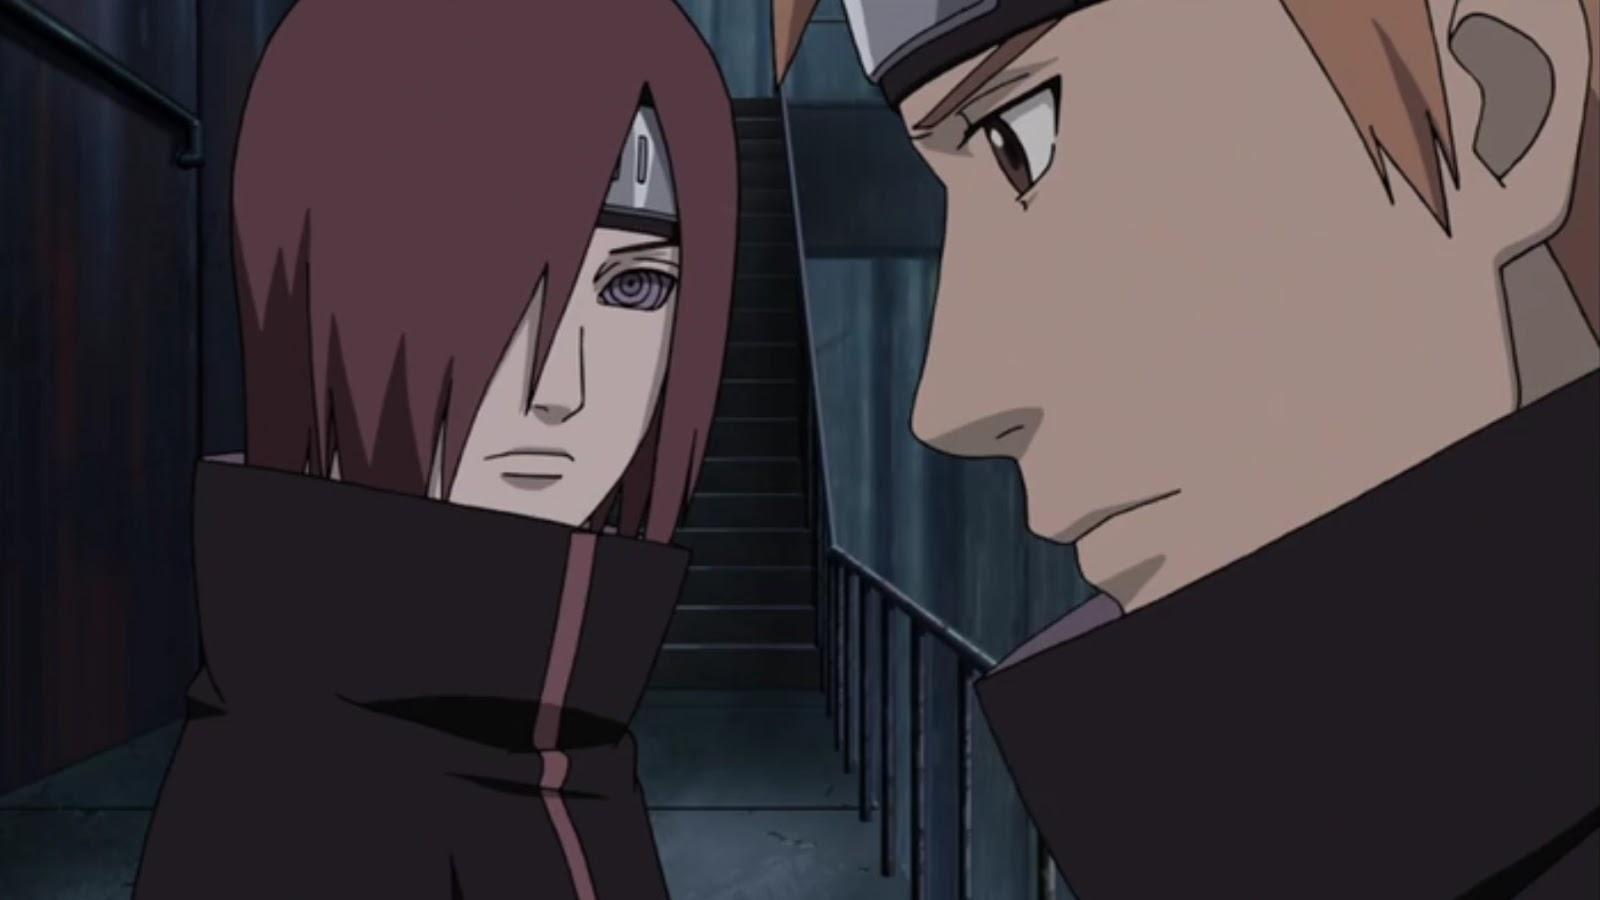 Naruto Shippuden Episódio 348, Assistir Naruto Shippuden Episódio 348, Assistir Naruto Shippuden Todos os Episódios Legendado, Naruto Shippuden episódio 348,HD